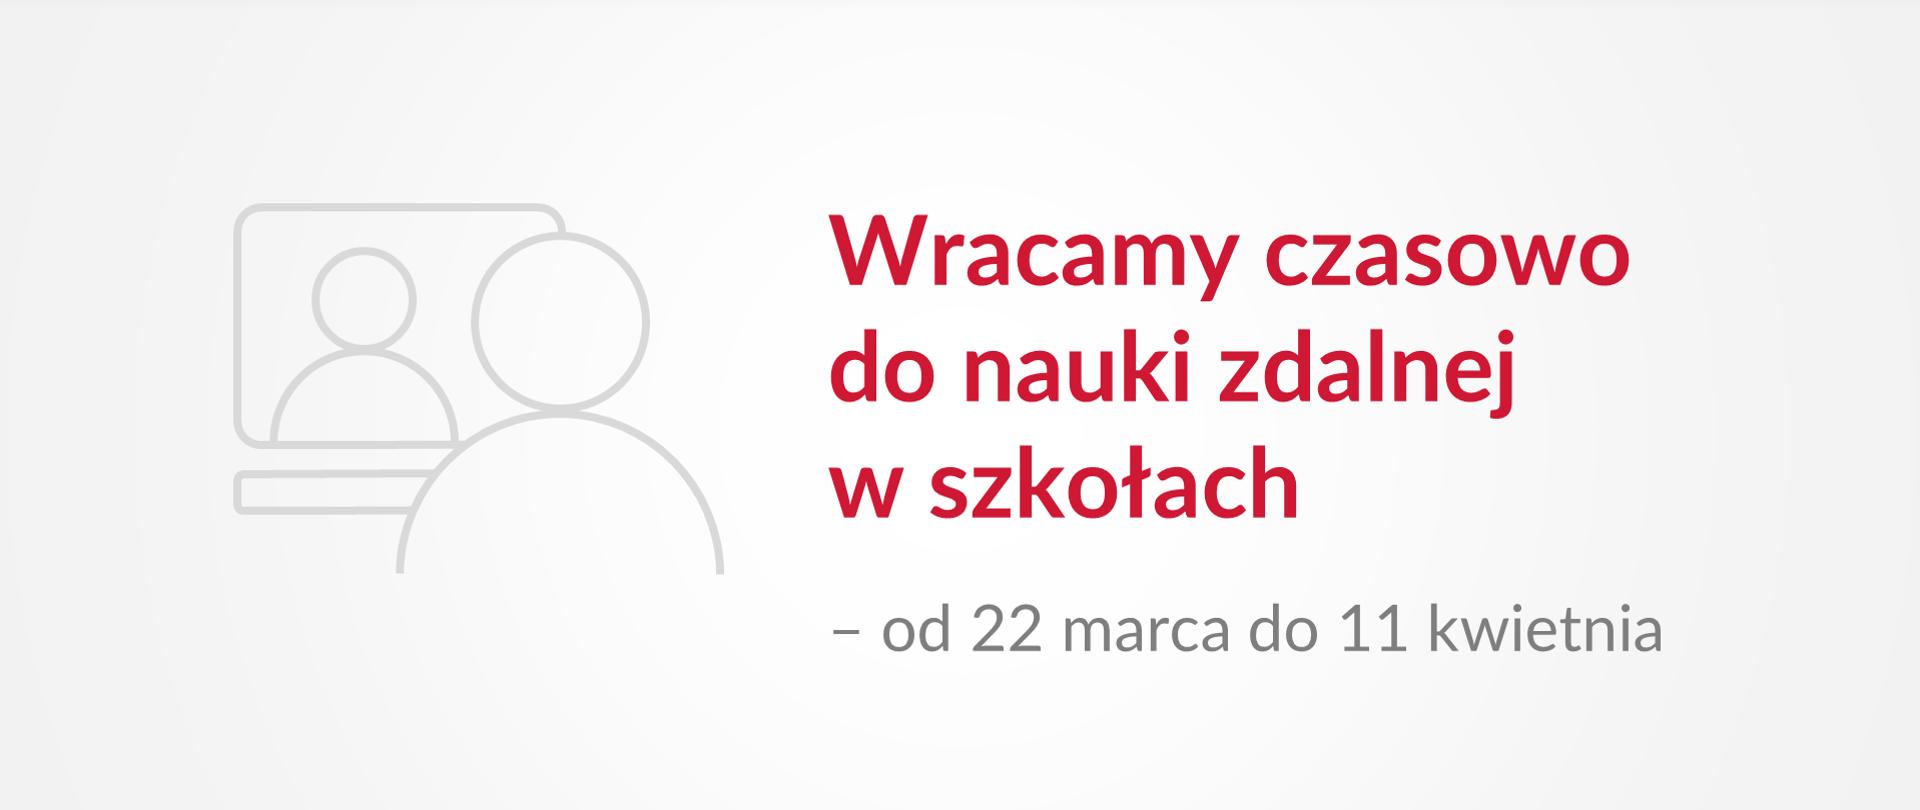 """Grafika z tekstem: """"Wracamy czasowo do nauki zdalnej w szkołach – od 22 marca do 11 kwietnia"""""""